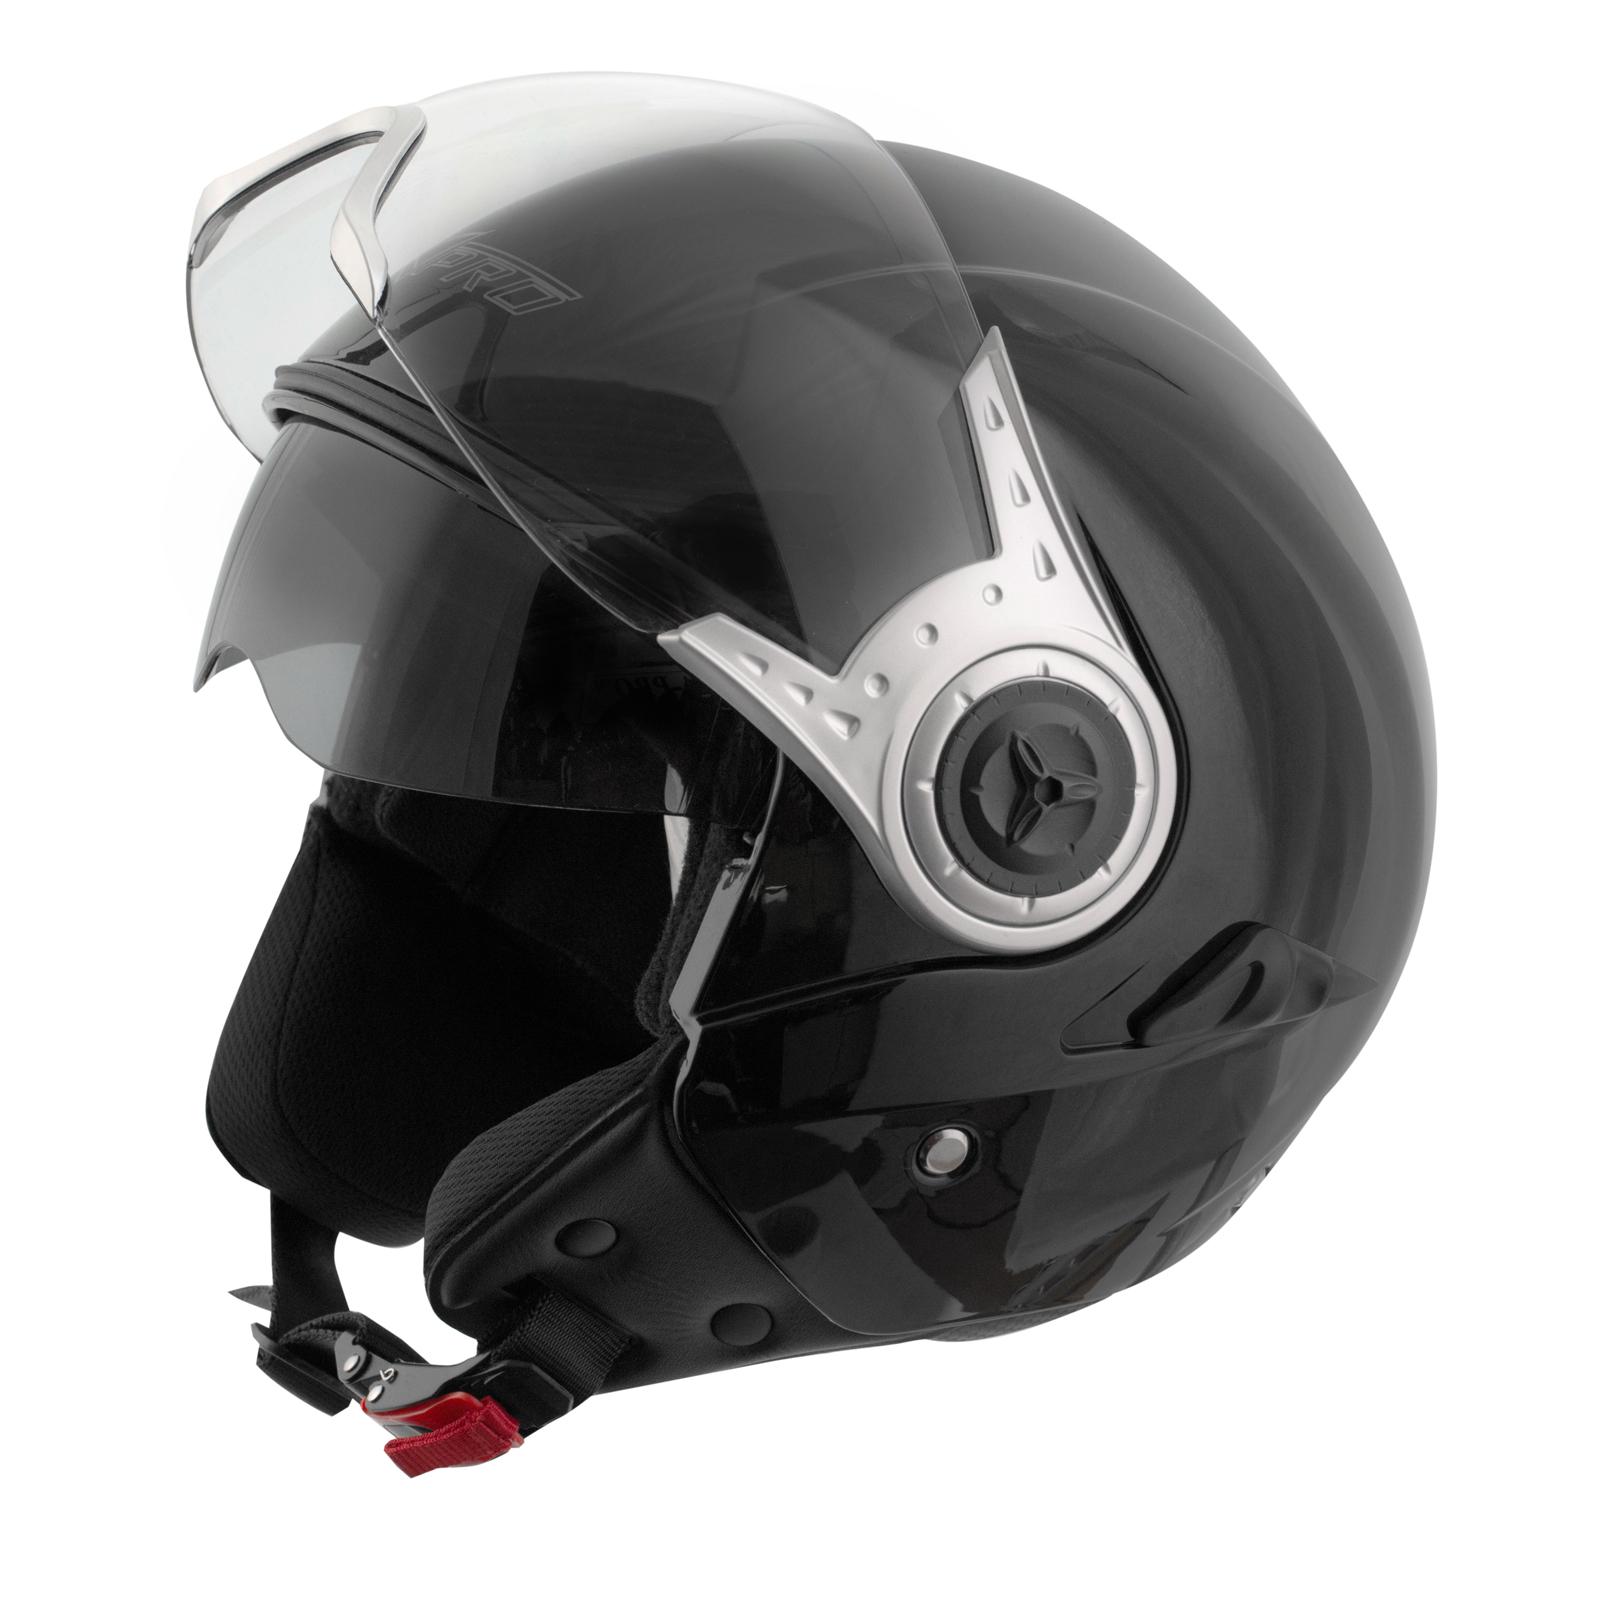 demi jet casque homologu moto scooter visi re pare soleil noir ebay. Black Bedroom Furniture Sets. Home Design Ideas